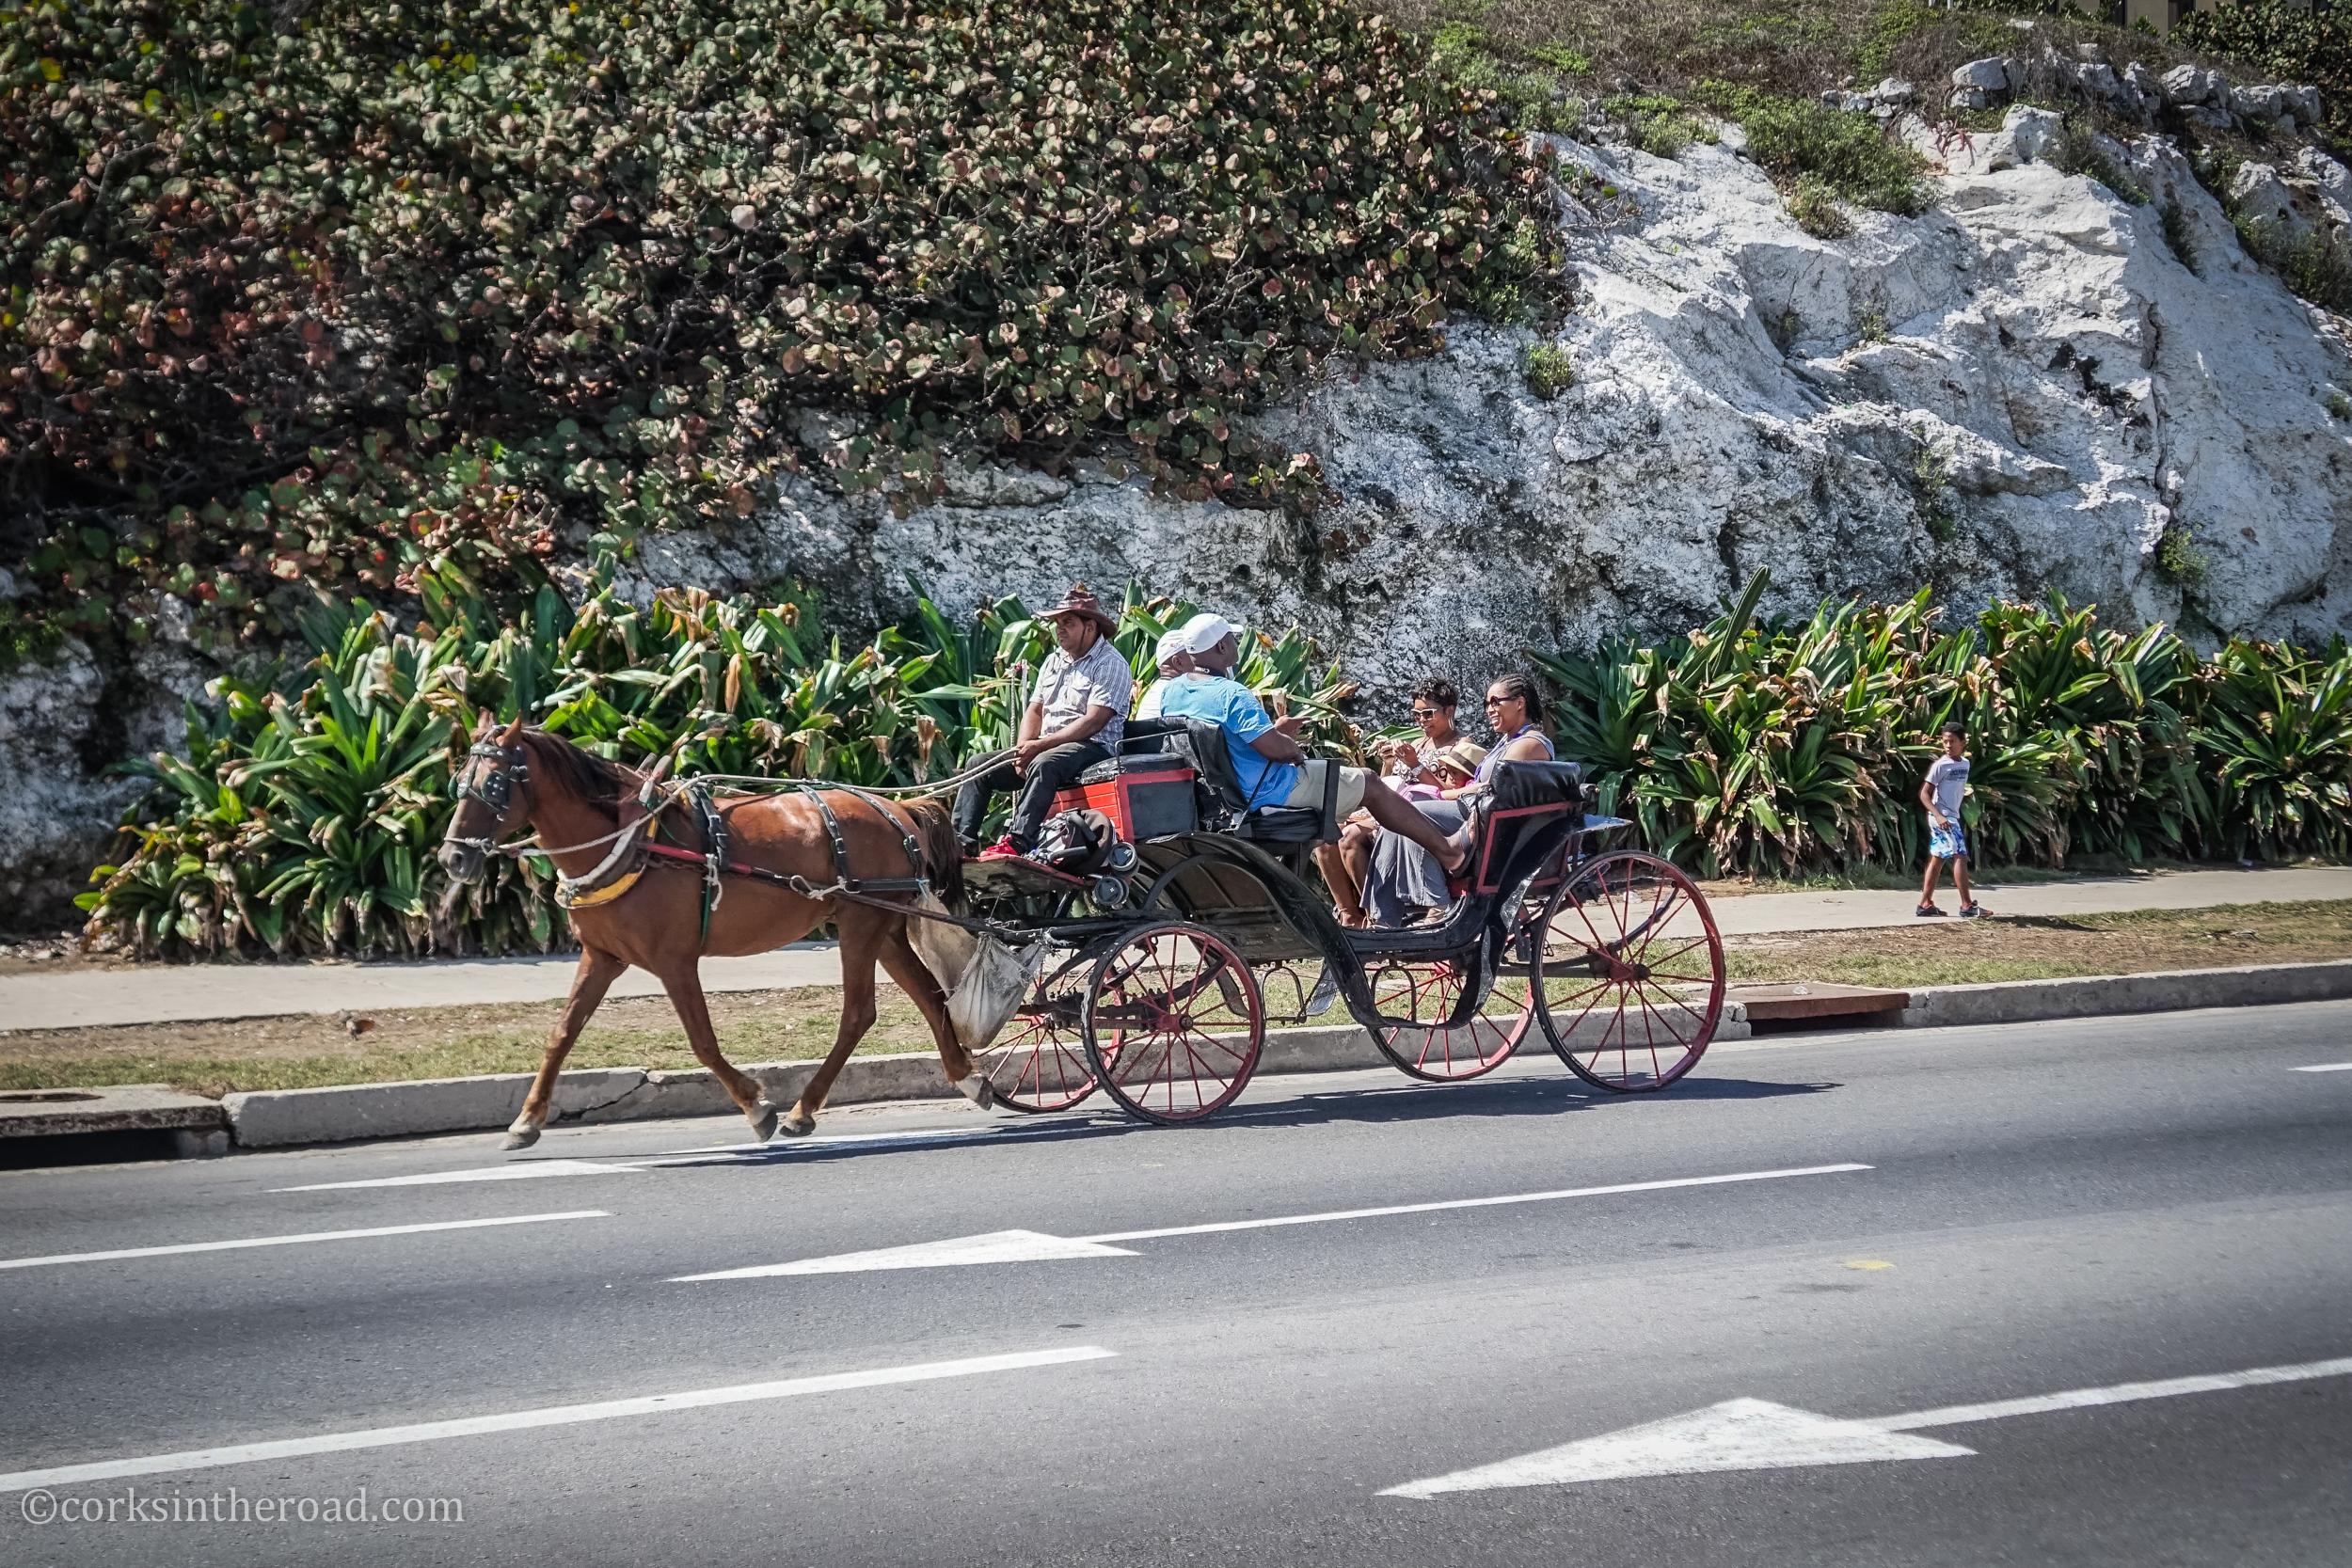 Corksintheroad, Cuba, Havana, Horses-3.jpg